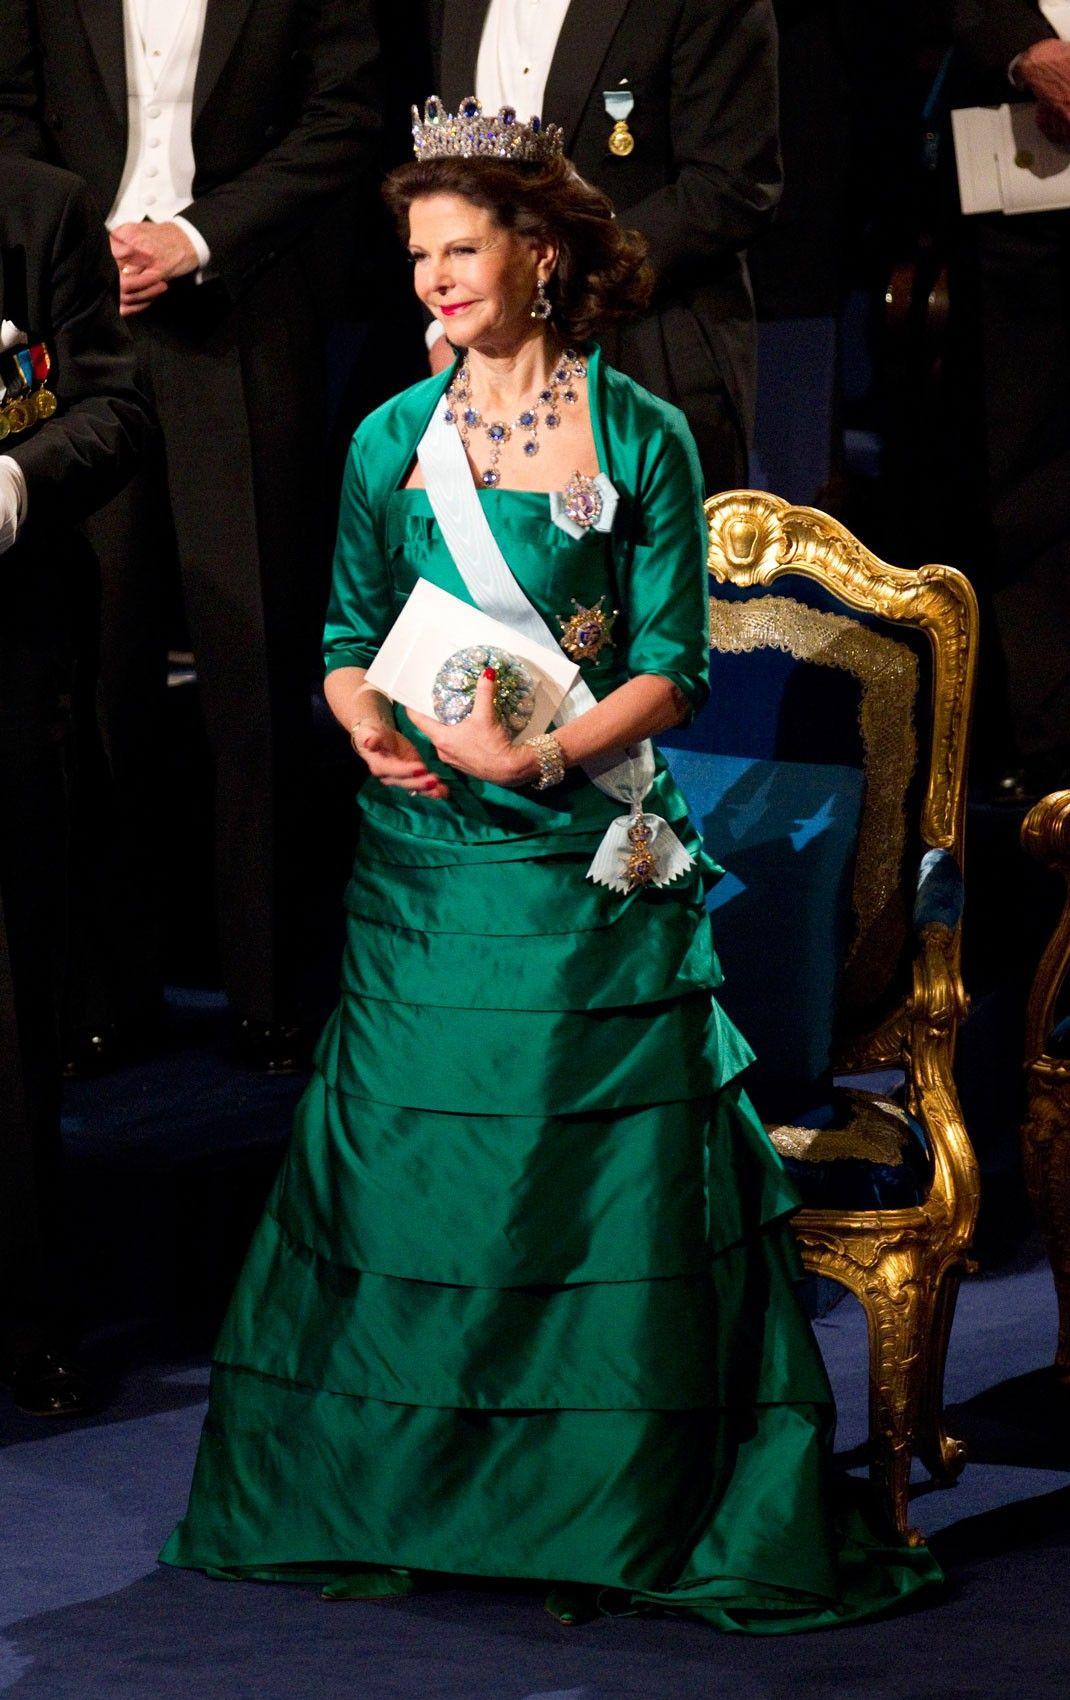 Pin By Katja Pestoeic On Queen Silvia A La Nobel Sweden Fashion Women Lawyer Gala Gowns [ 1700 x 1070 Pixel ]